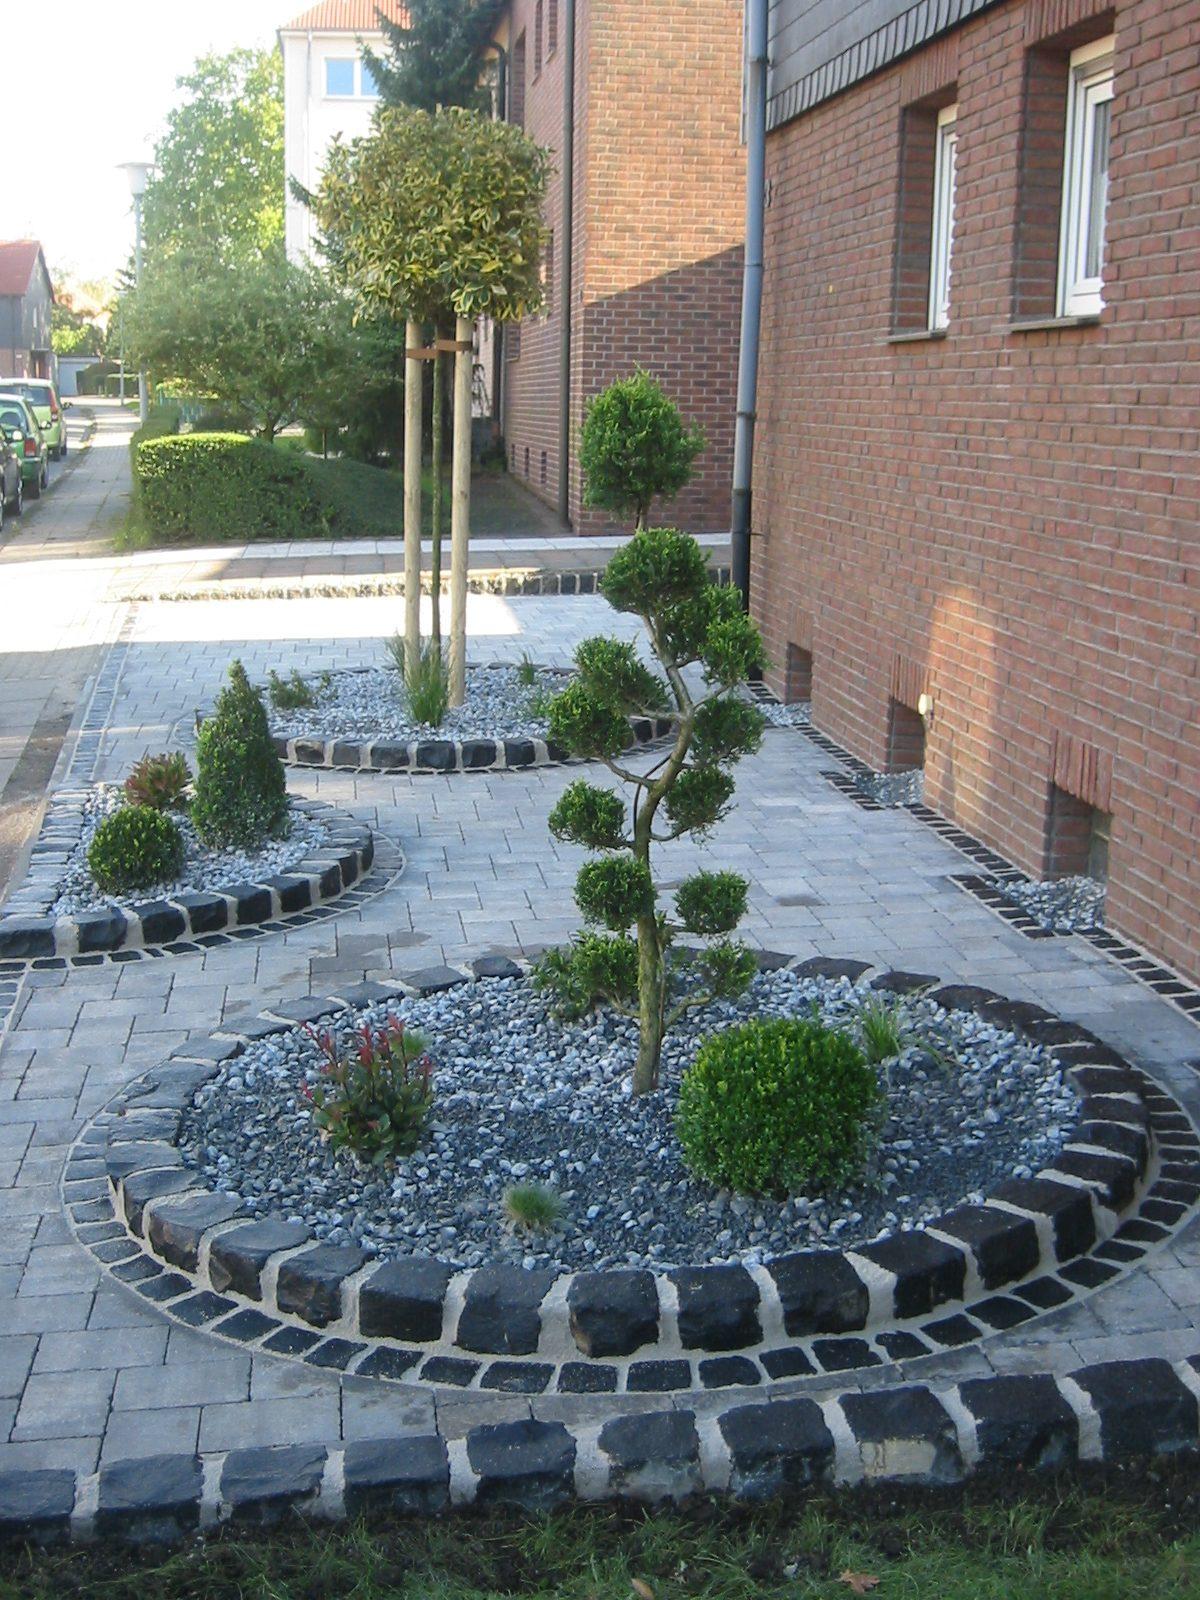 Neupflanzungen  Gehlzpflege  Garten und Landschaftsbau Patrick Fink  Meisterbetrieb Gladbeck